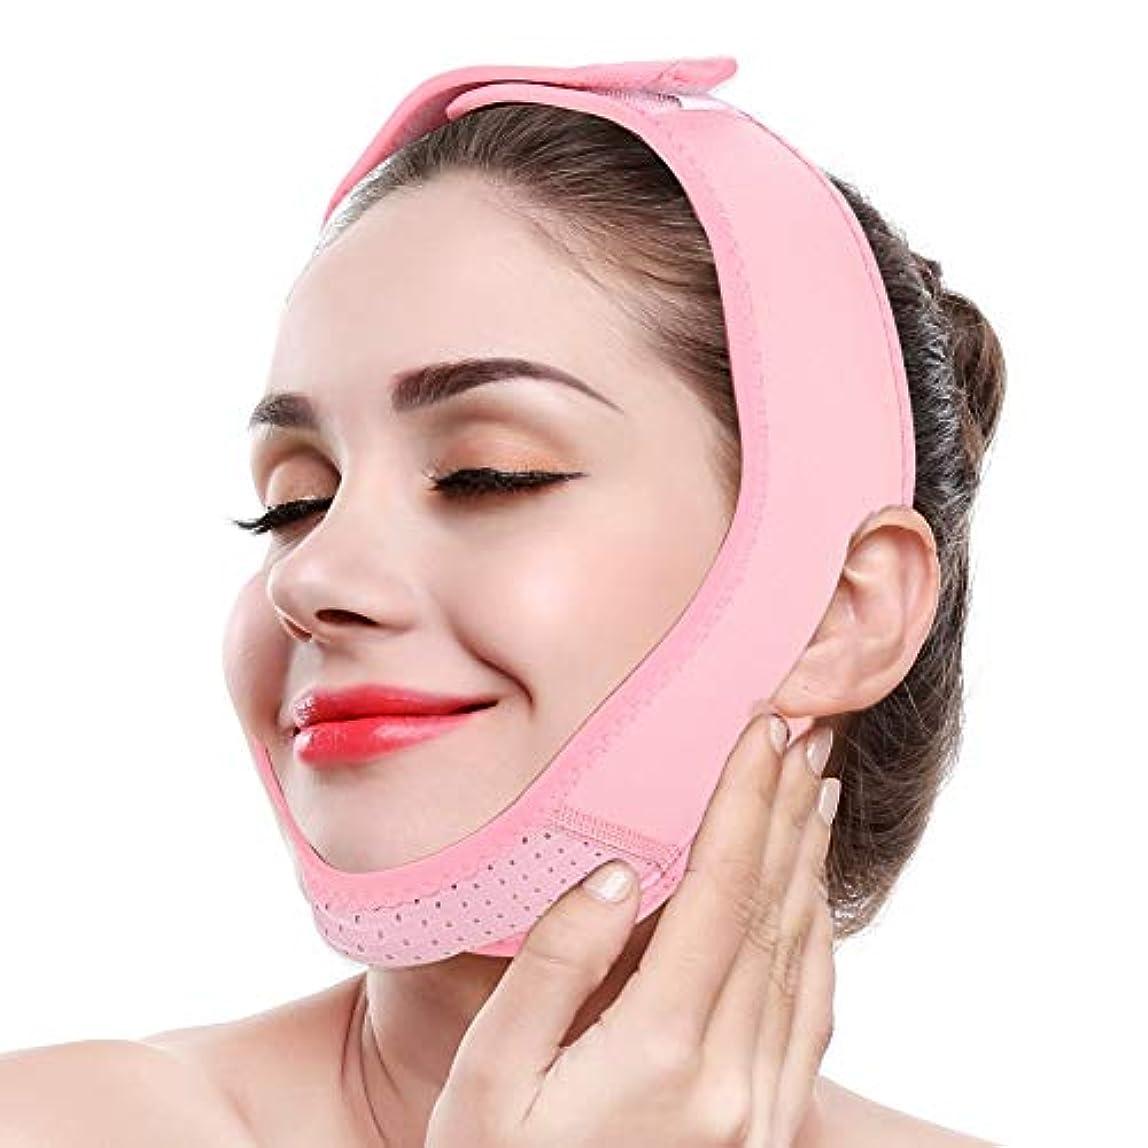 バインドお誕生日品揃えJORZILANOスリミングマスク、包帯フェイスダブルチンケア減量フェイスベルト